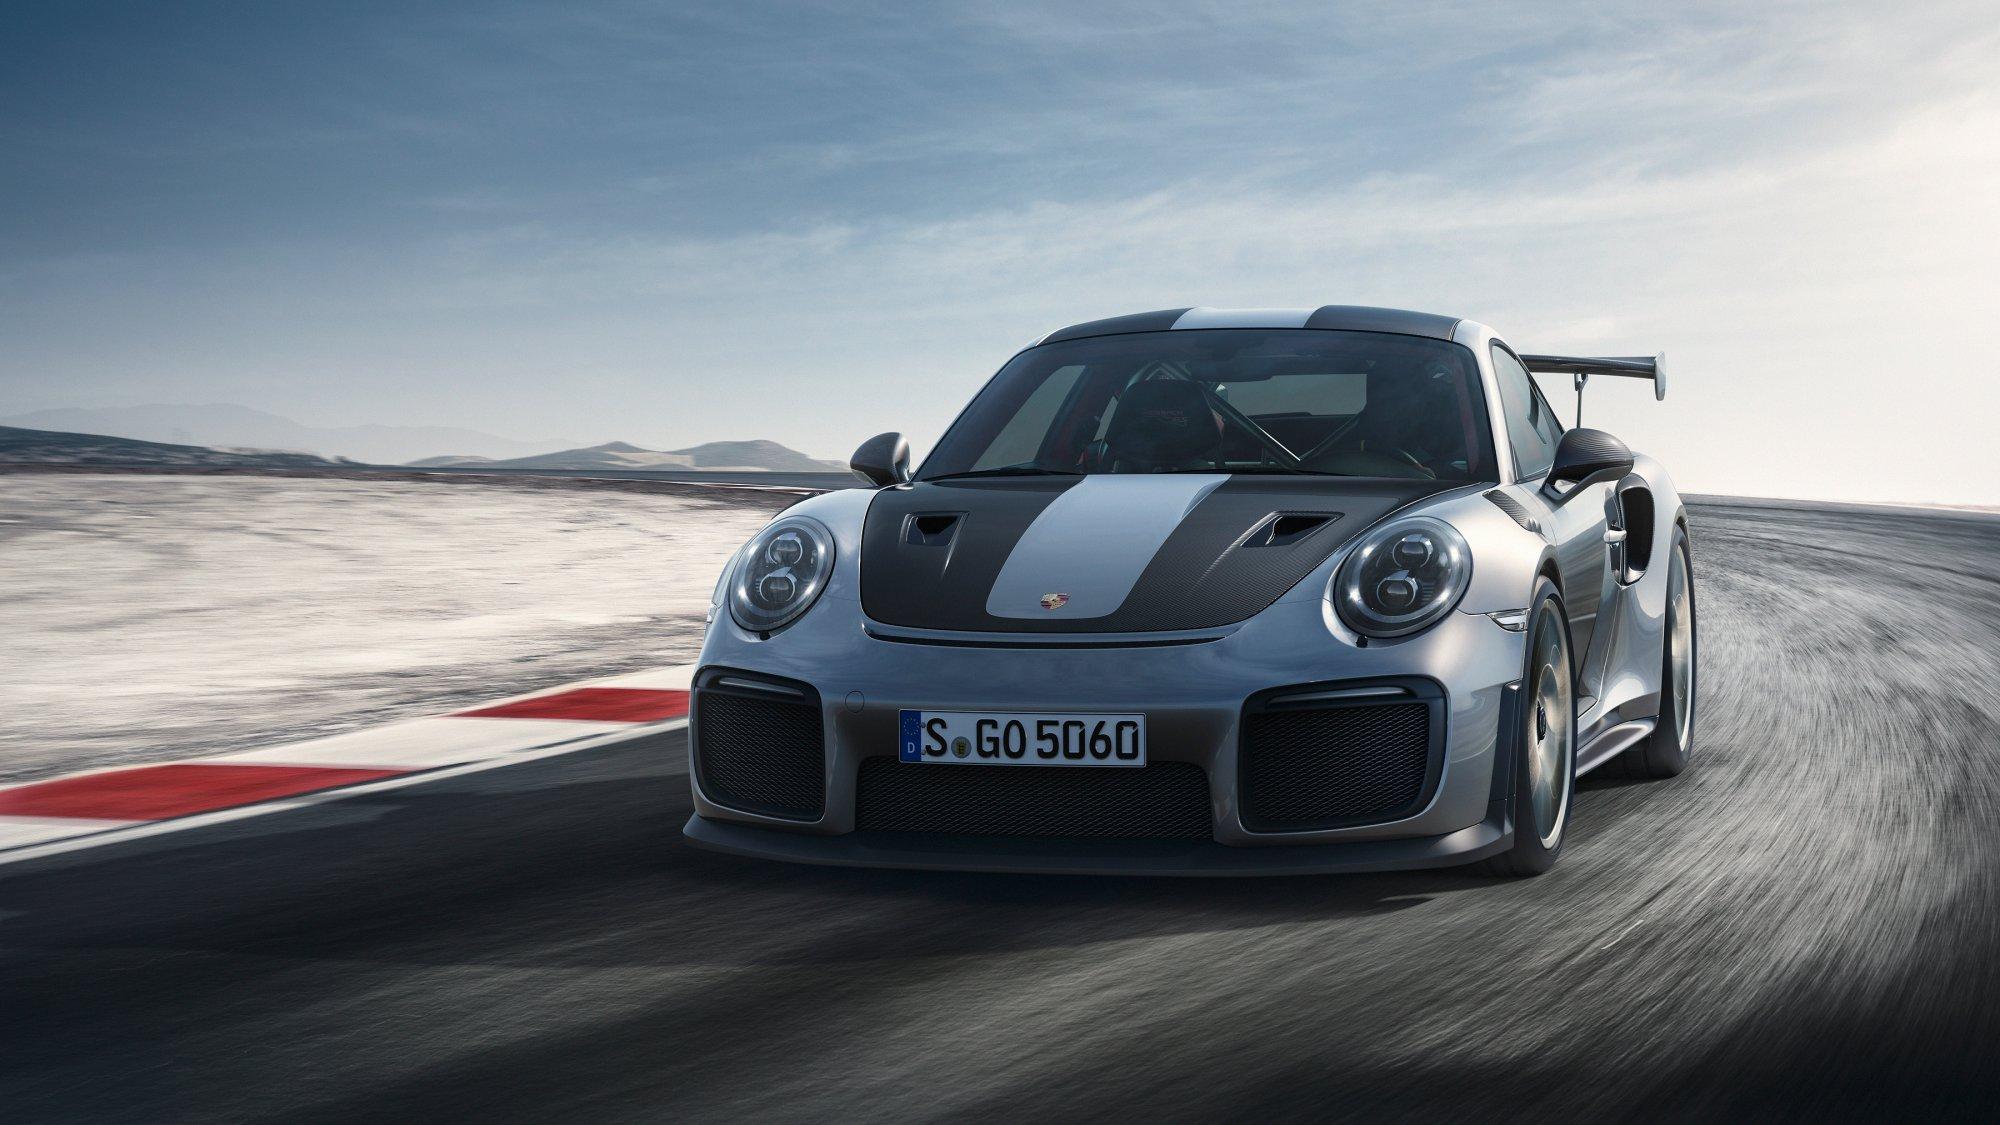 2018-Porsche-911-GT2-RS-3-3174 Interesting Porsche 911 Gt2 Rs Nurburgring Lap Cars Trend